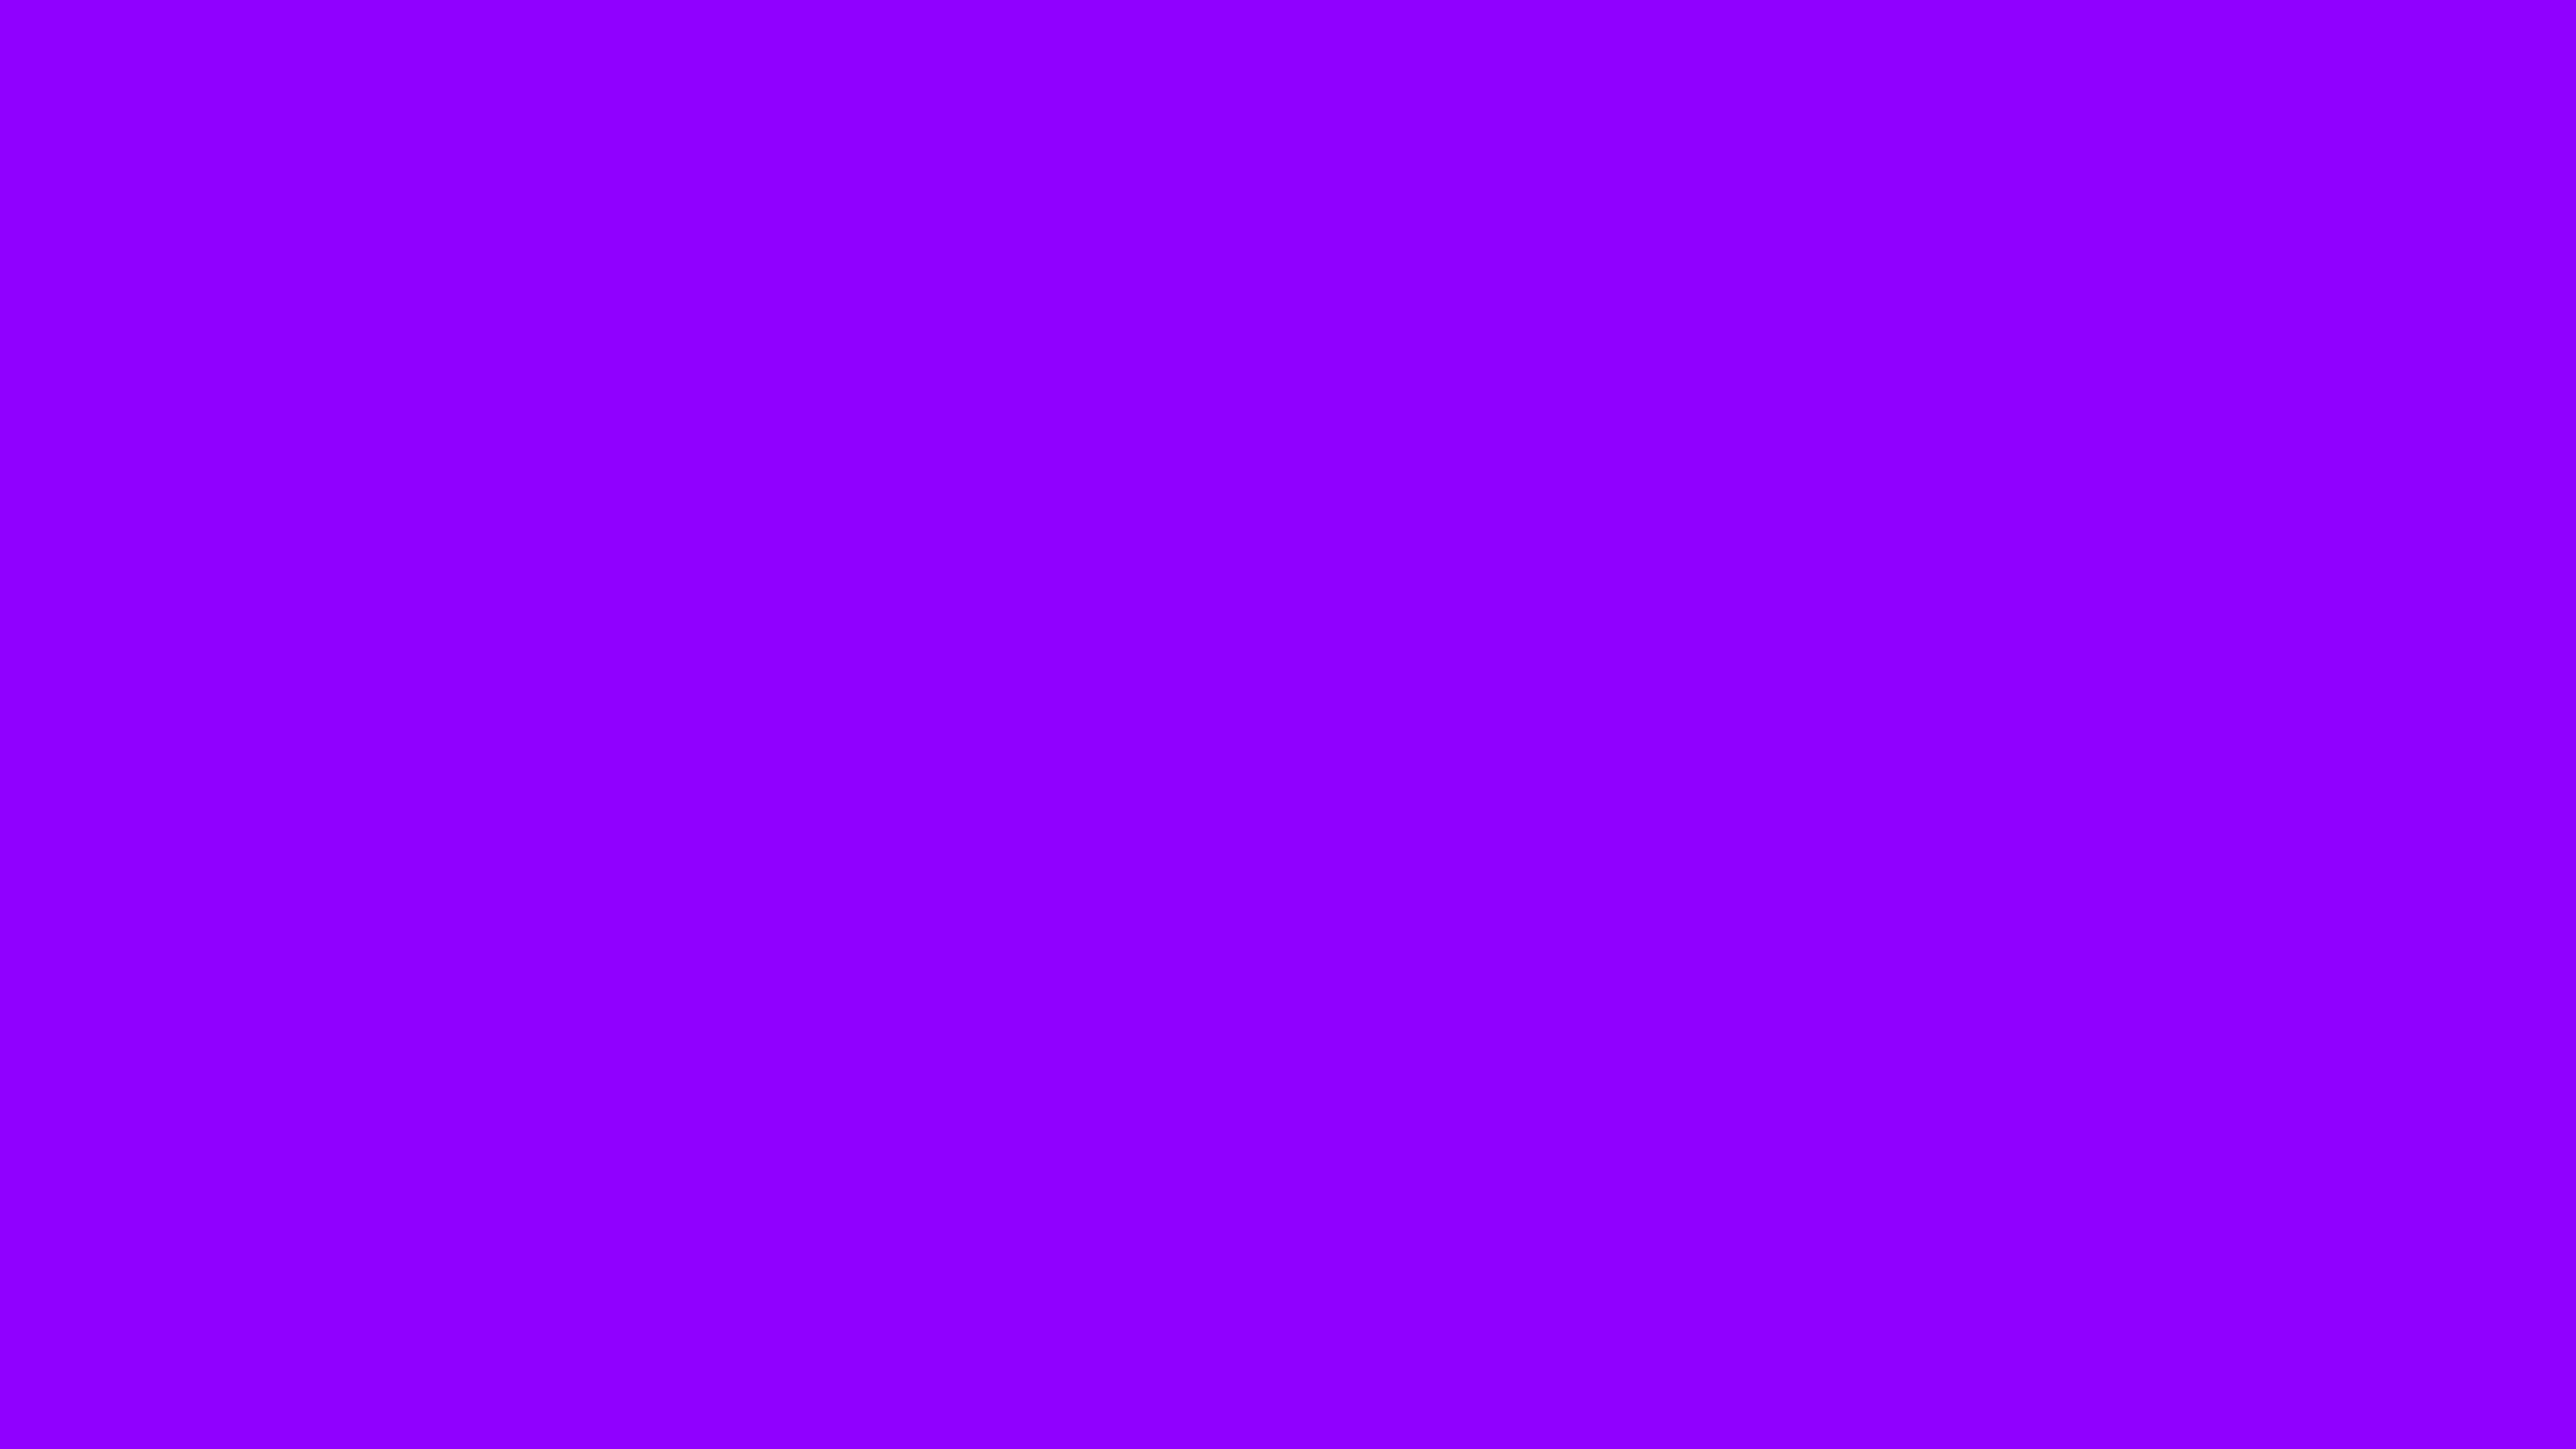 5120x2880 Violet Solid Color Background